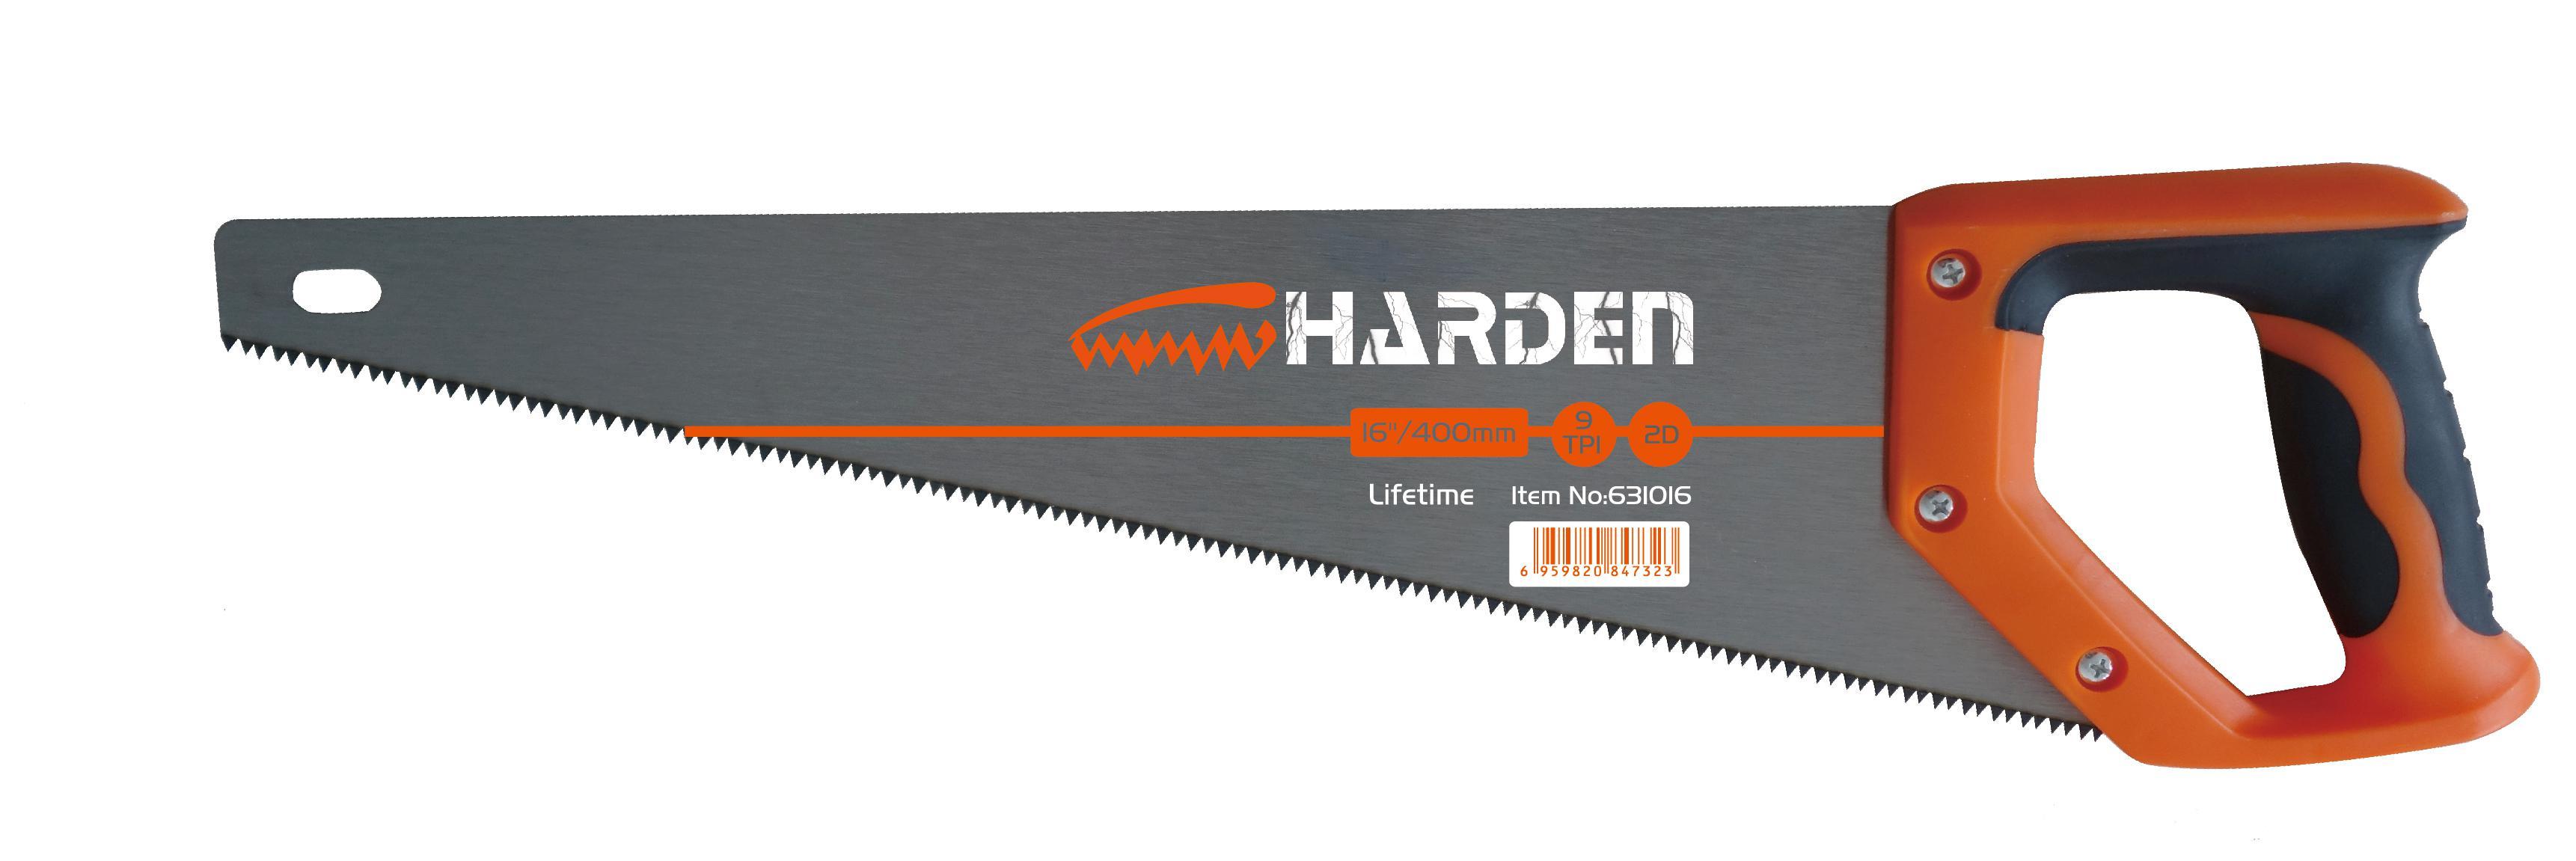 Купить Ножовка Harden 631018